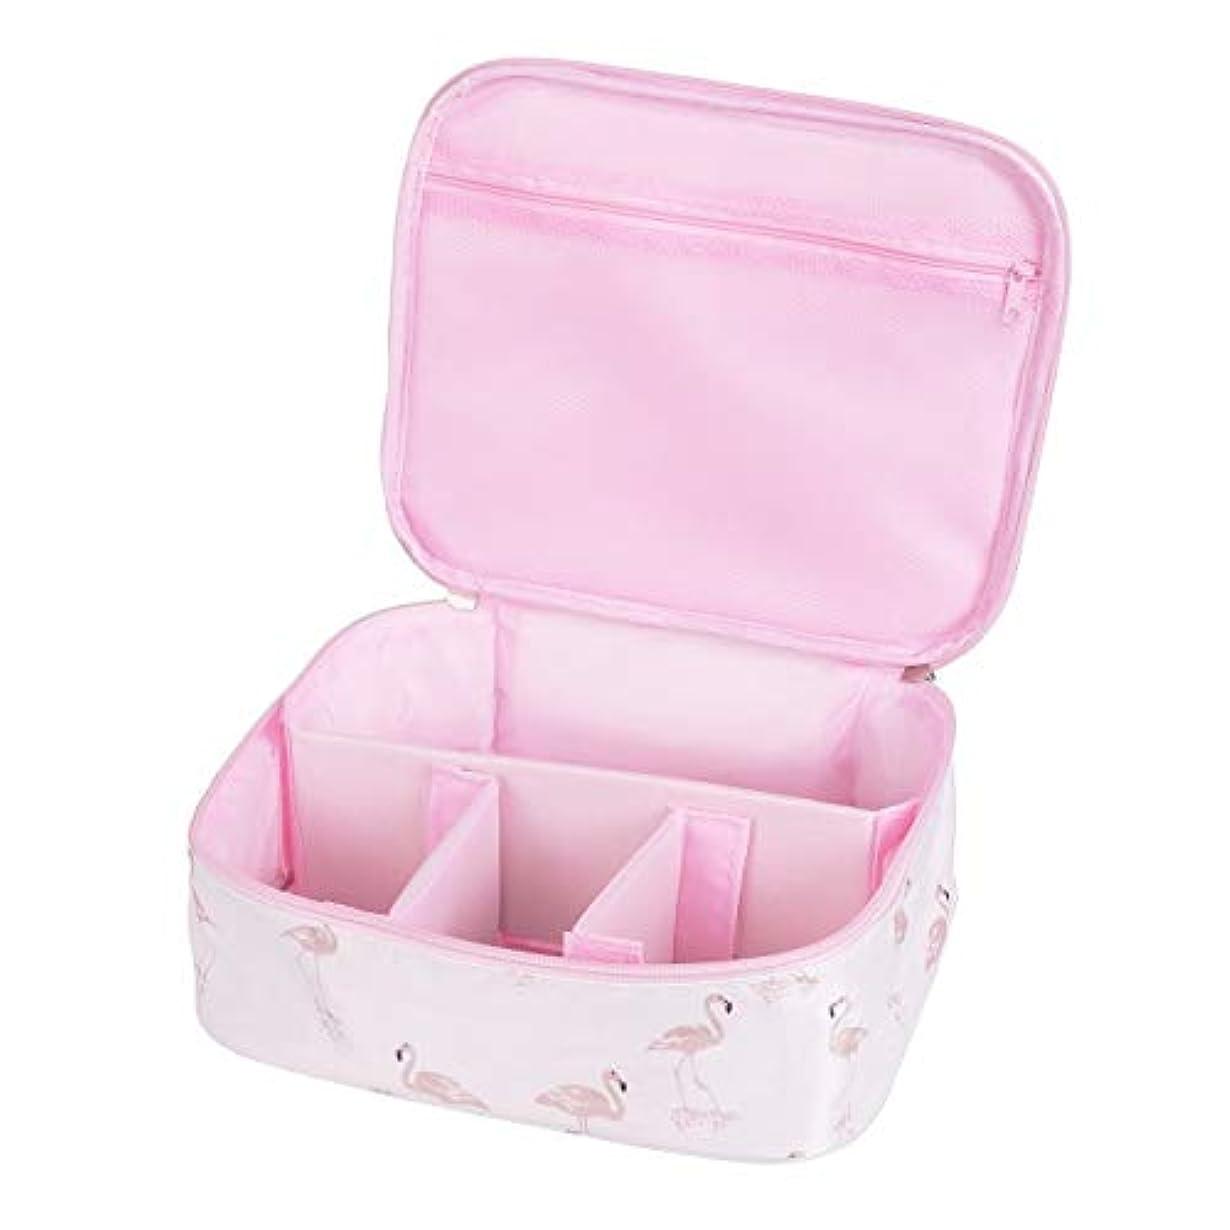 病的飢えたエイリアン[CAWKAY] メイクボックス 旅行用化粧ケース コスメ バッグ ボックス トラベル化粧ポーチ メイクブラシ 小物入れ 収納